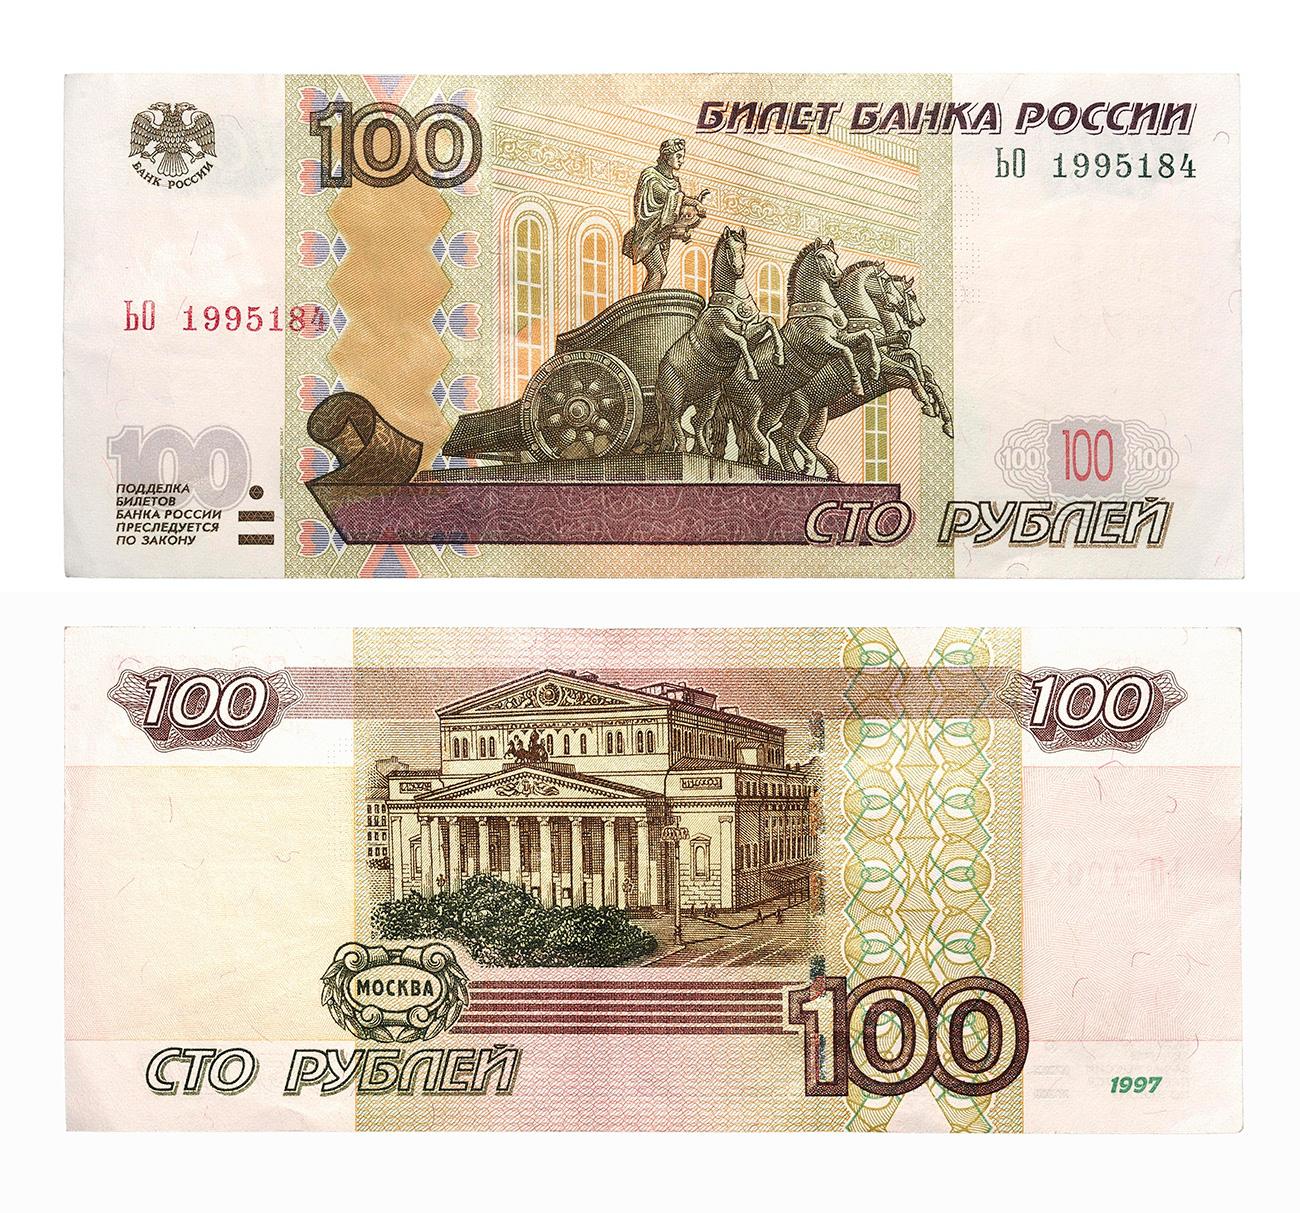 100 rubljev / Global Look Press